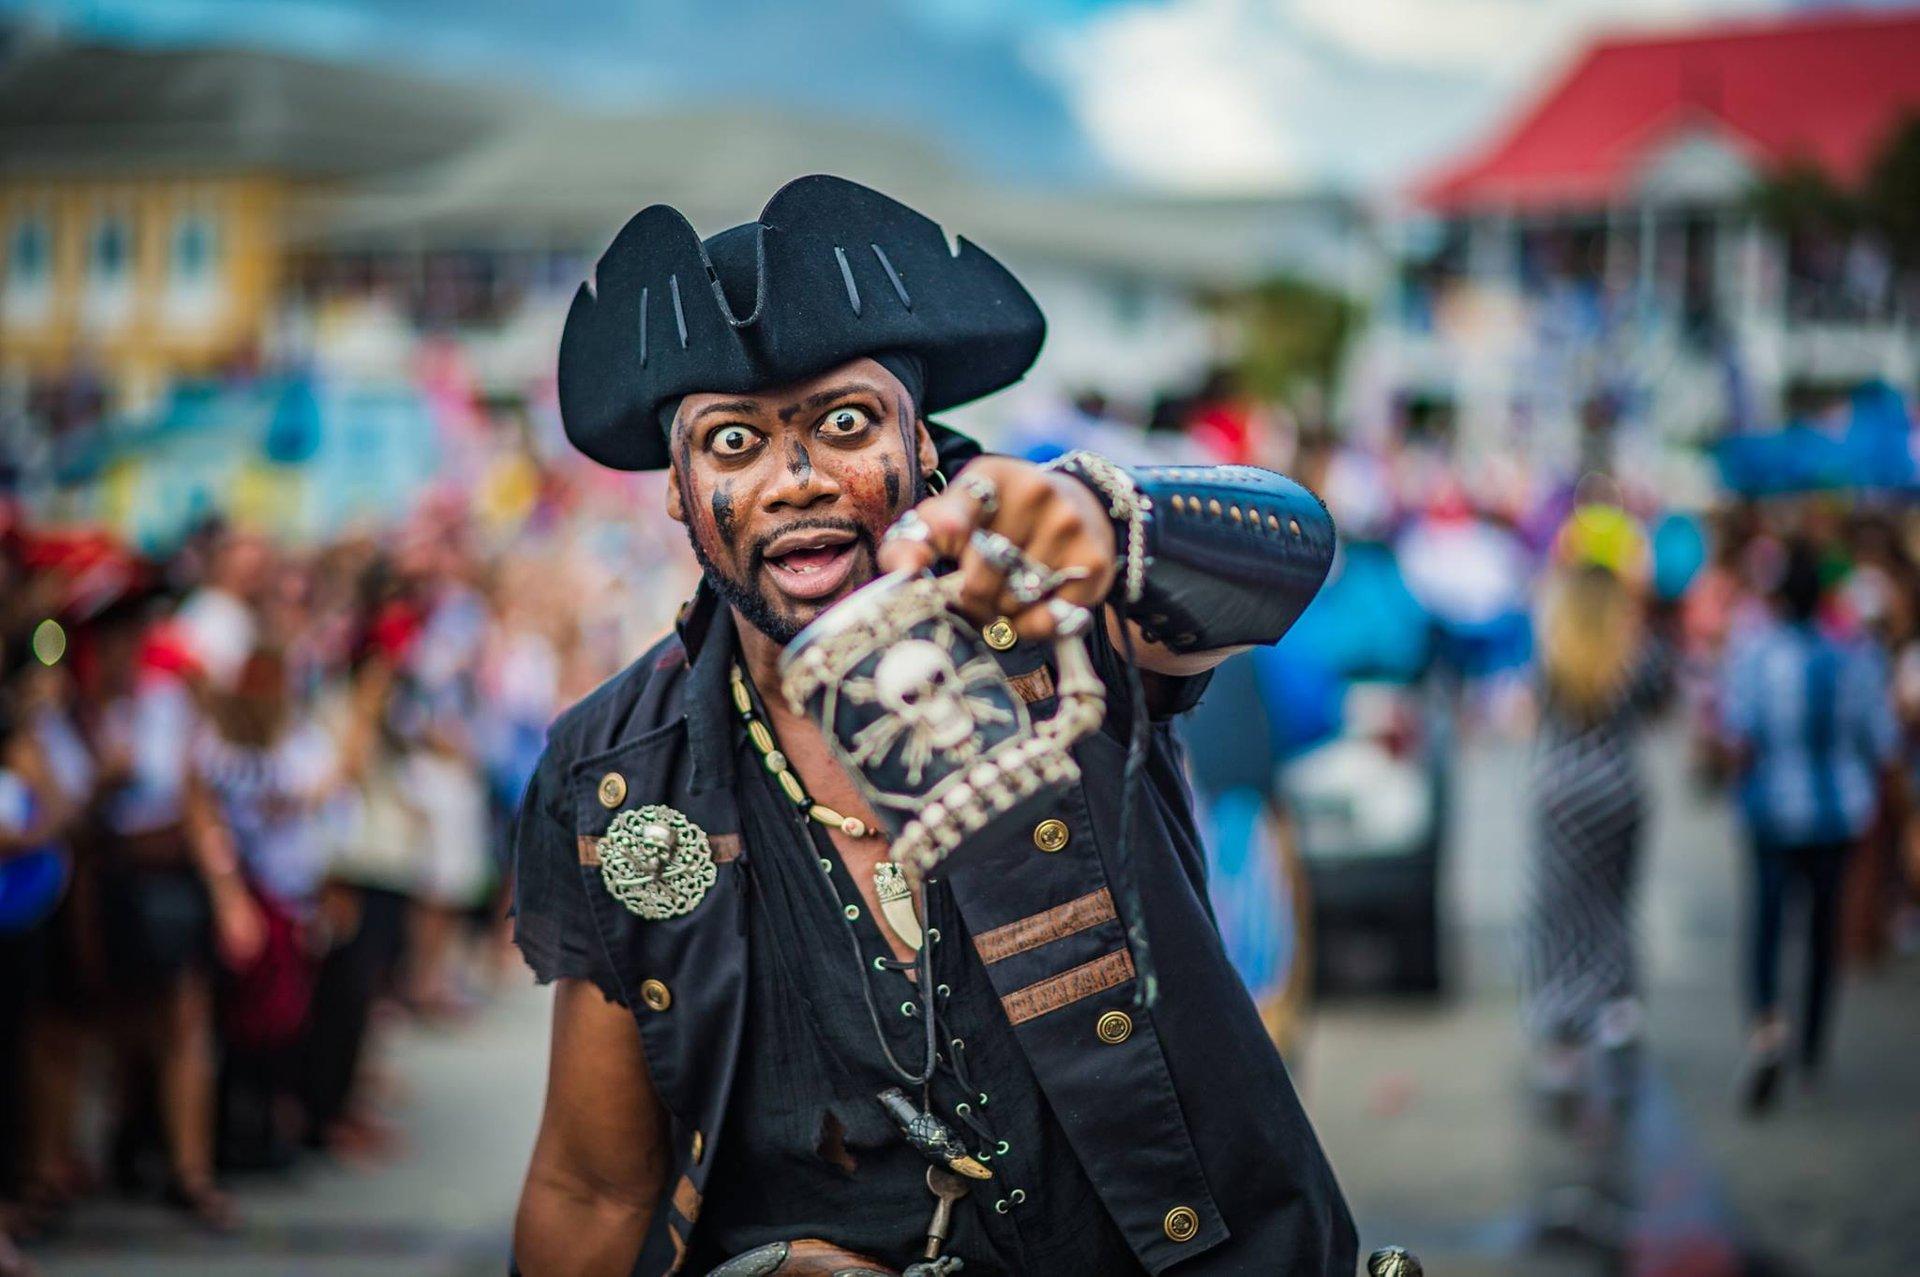 Cayman Islands Pirates Week Festival in Cayman Islands - Best Season 2020